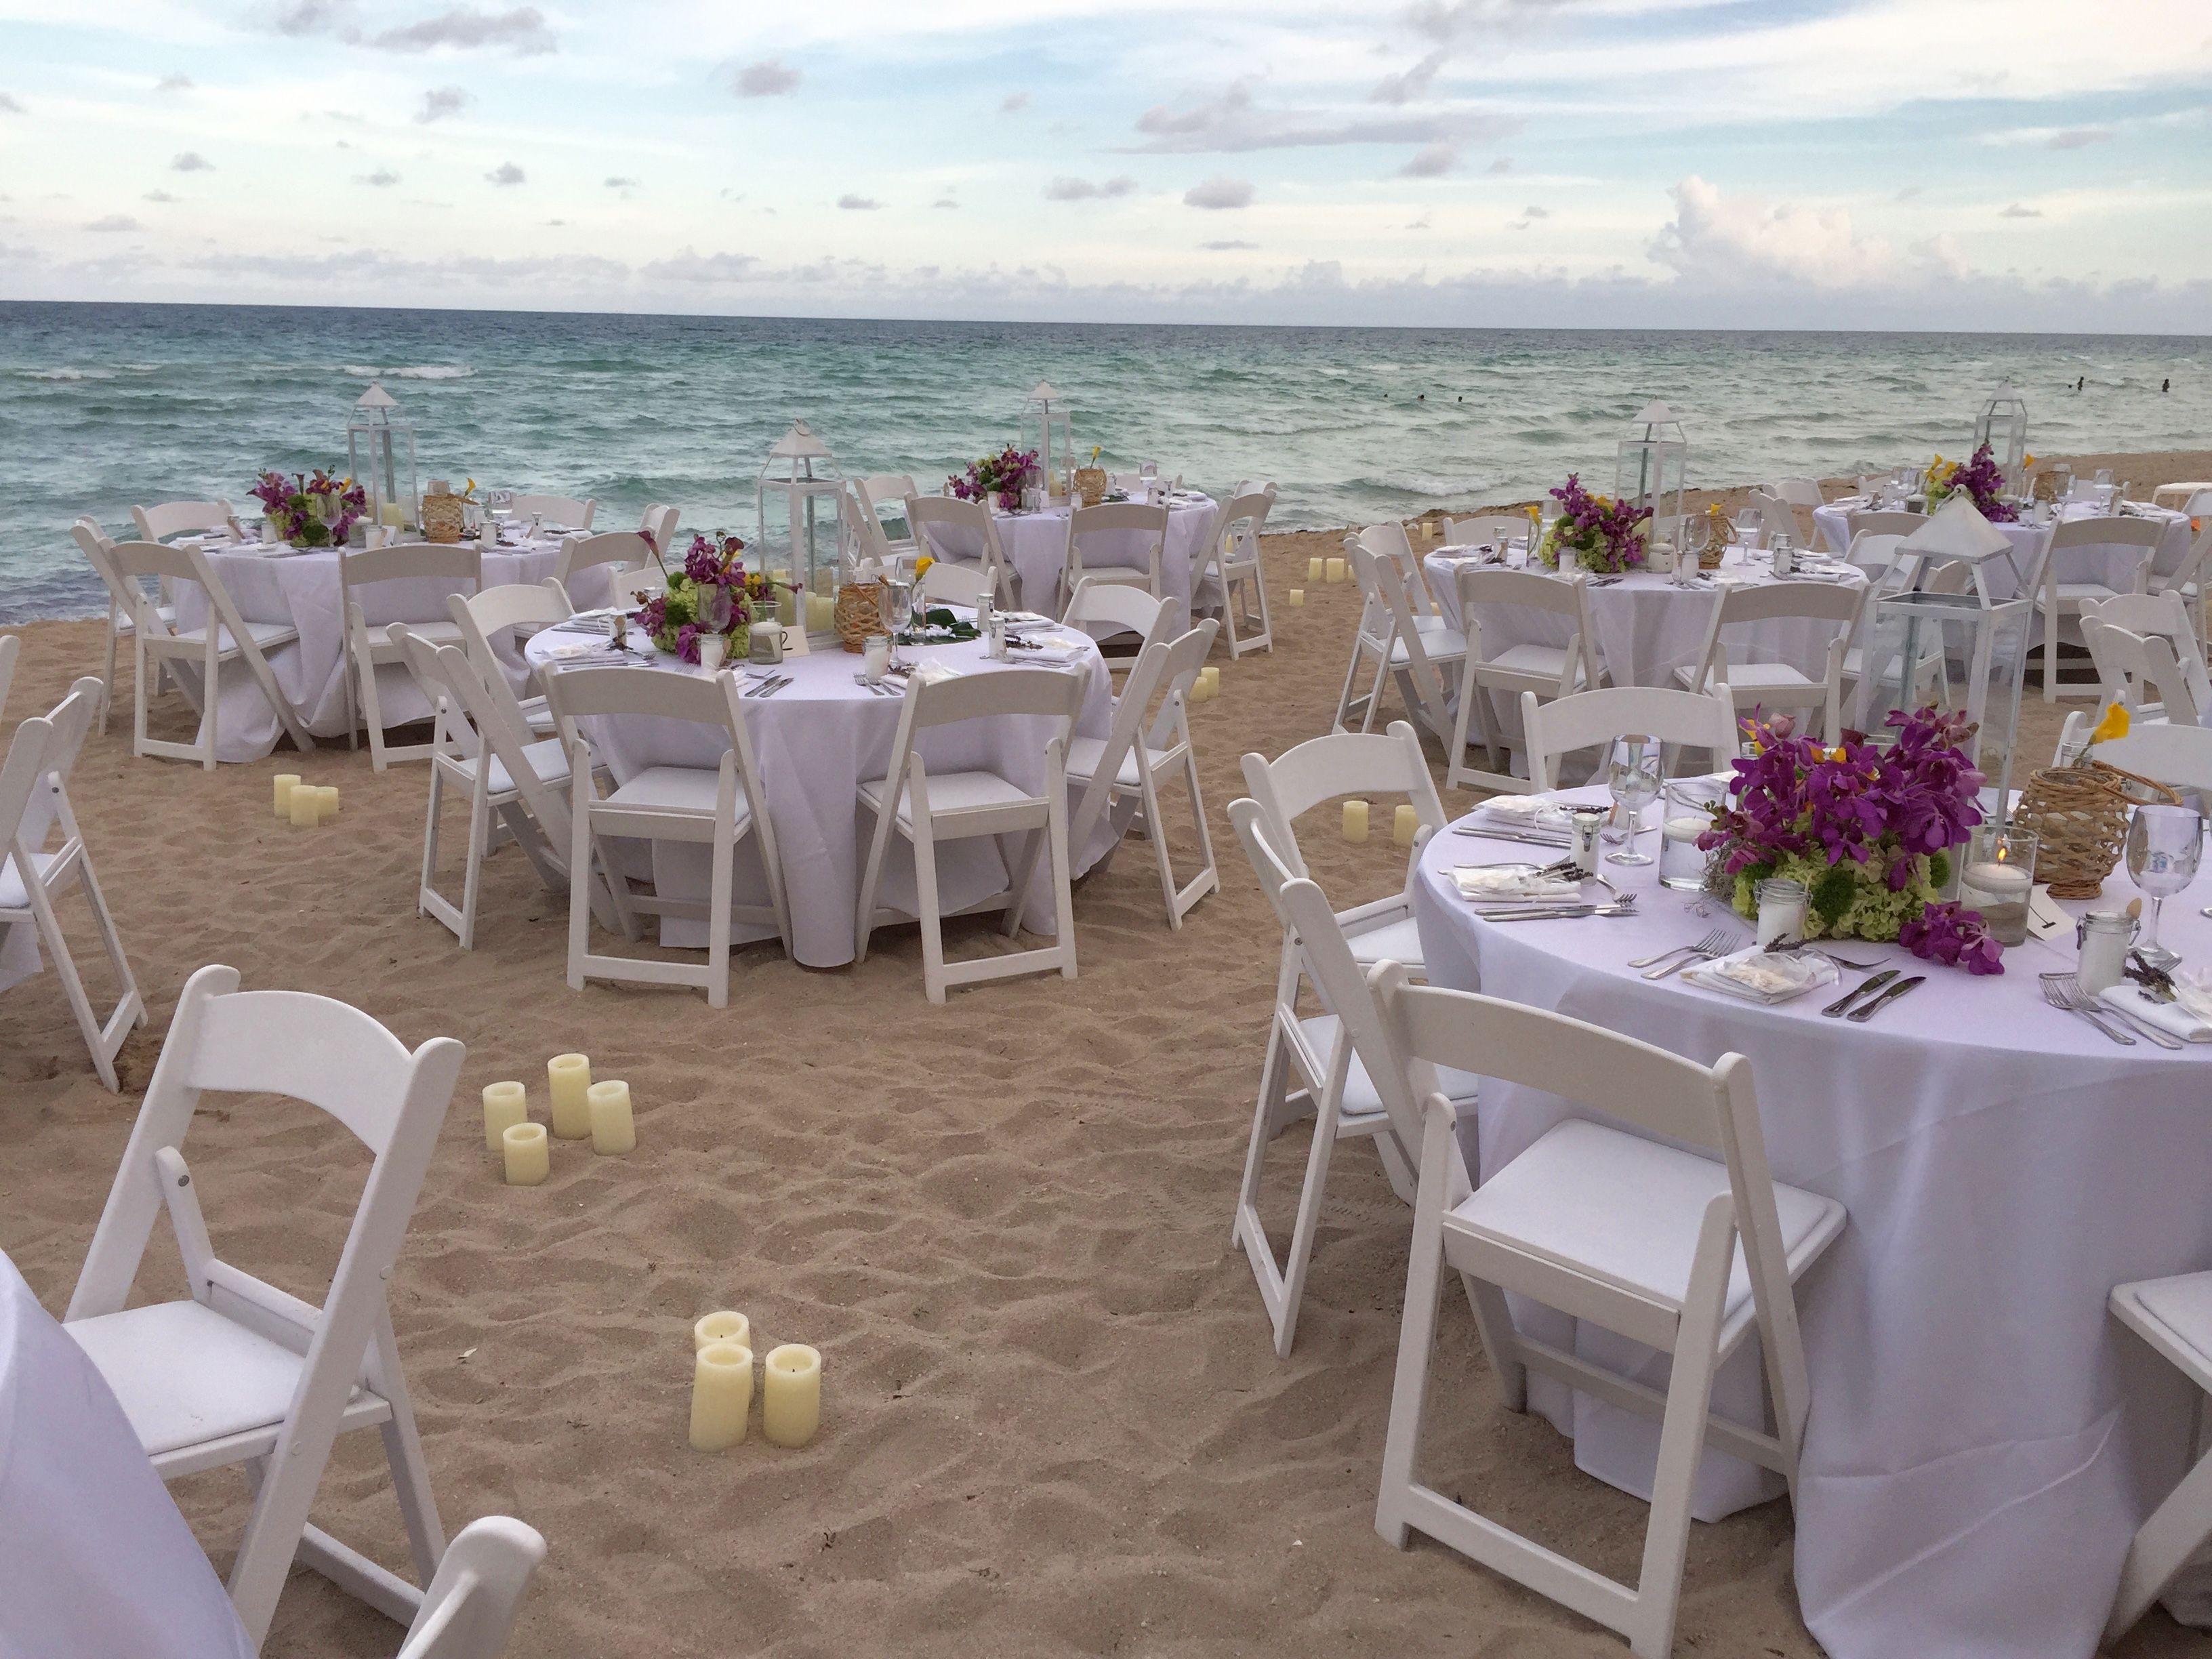 Beach wedding reception in Sunny Isles Beach at Solé on